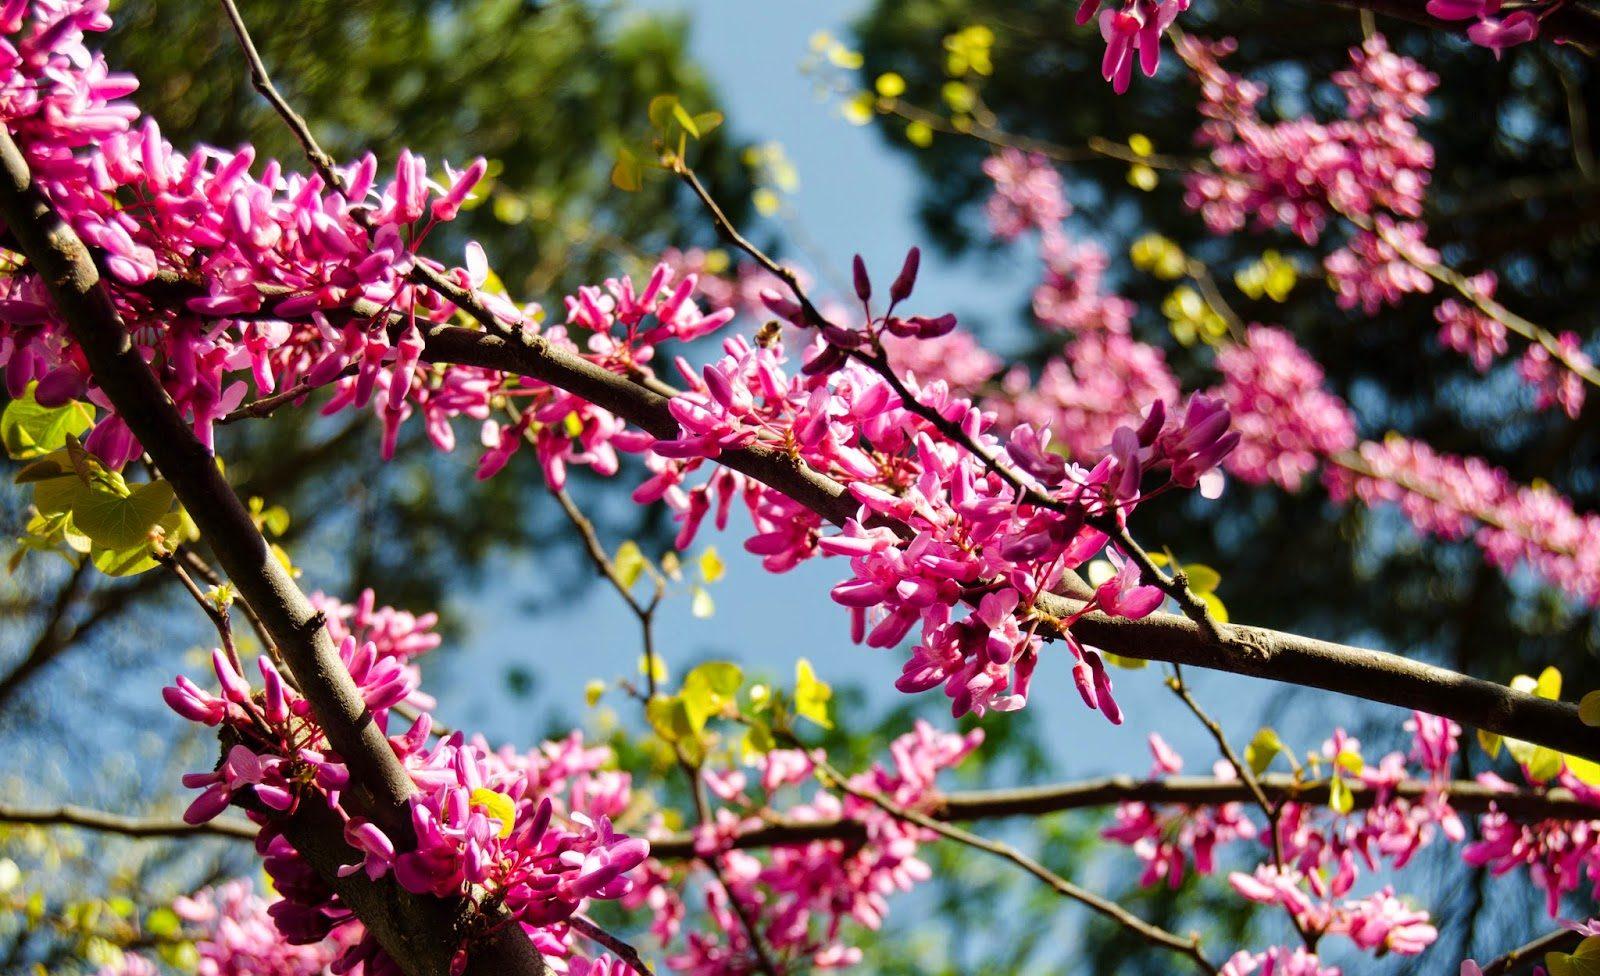 Rüyada Ağaçların Çiçek Açtığını Görmek